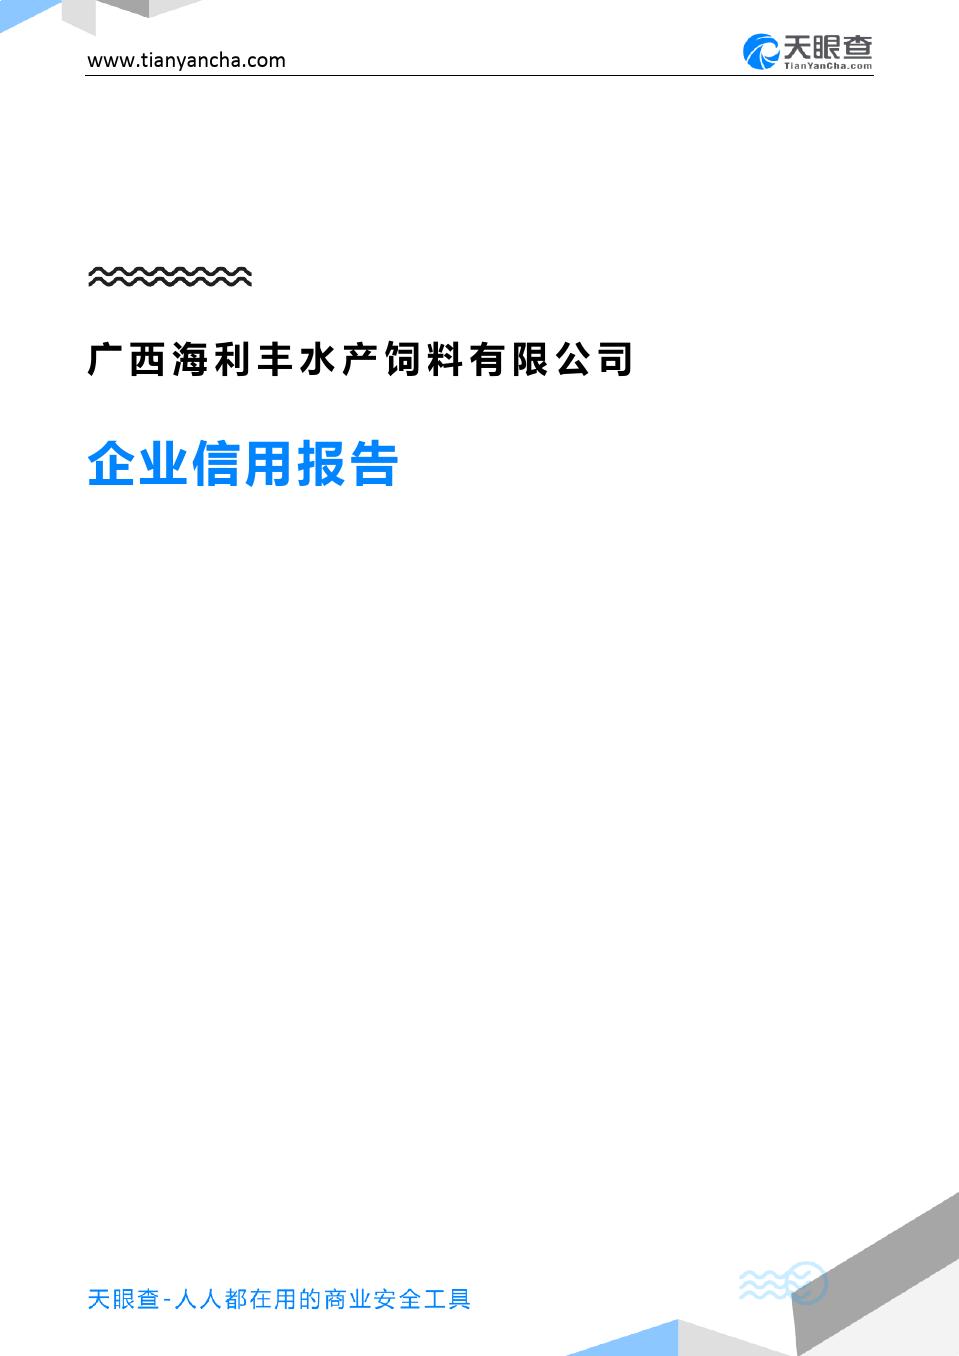 广西海利丰水产饲料有限公司(企业信用报告)- 天眼查